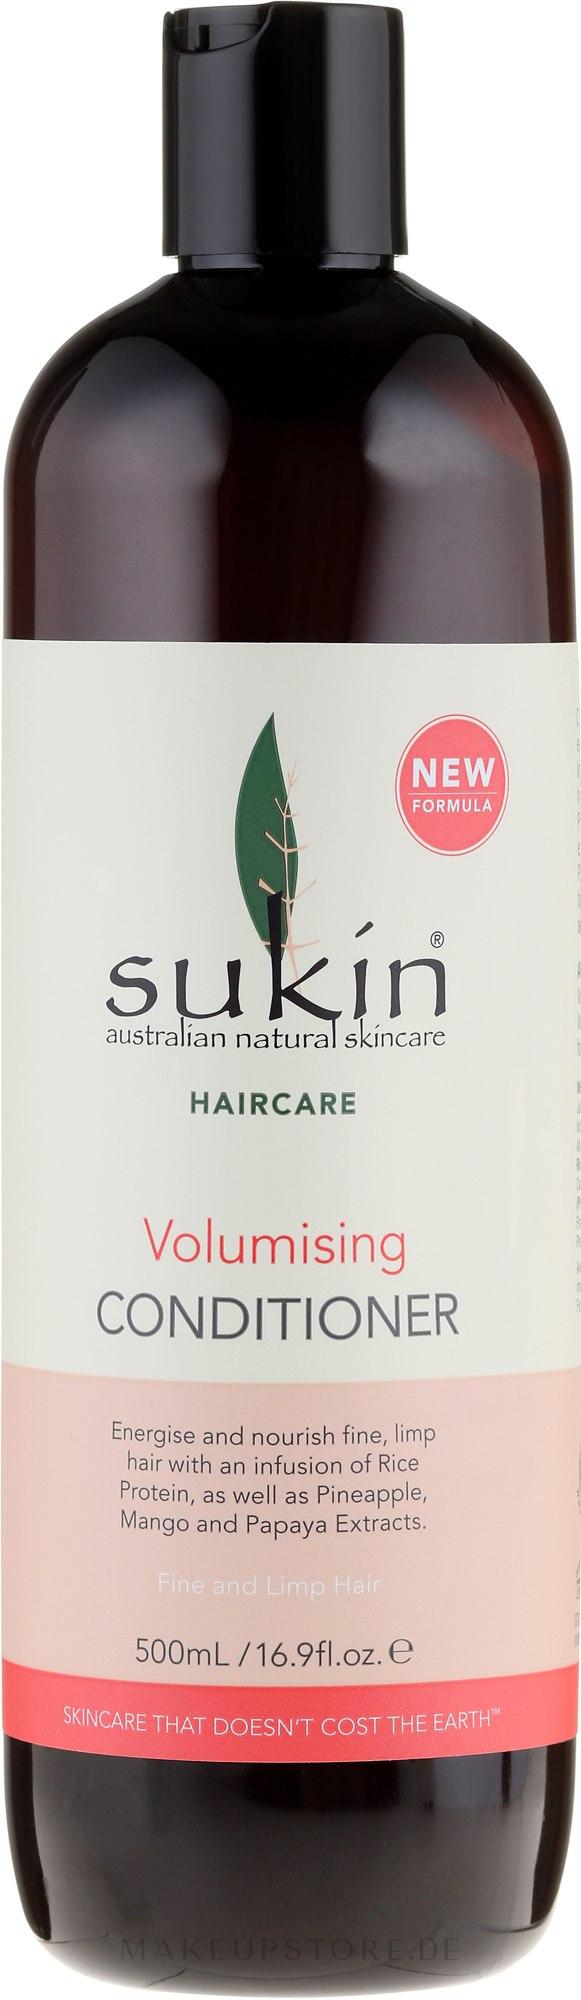 Volumen-Balsam für feines und schlaffes Haar - Sukin Volumising Conditioner — Bild 500 ml